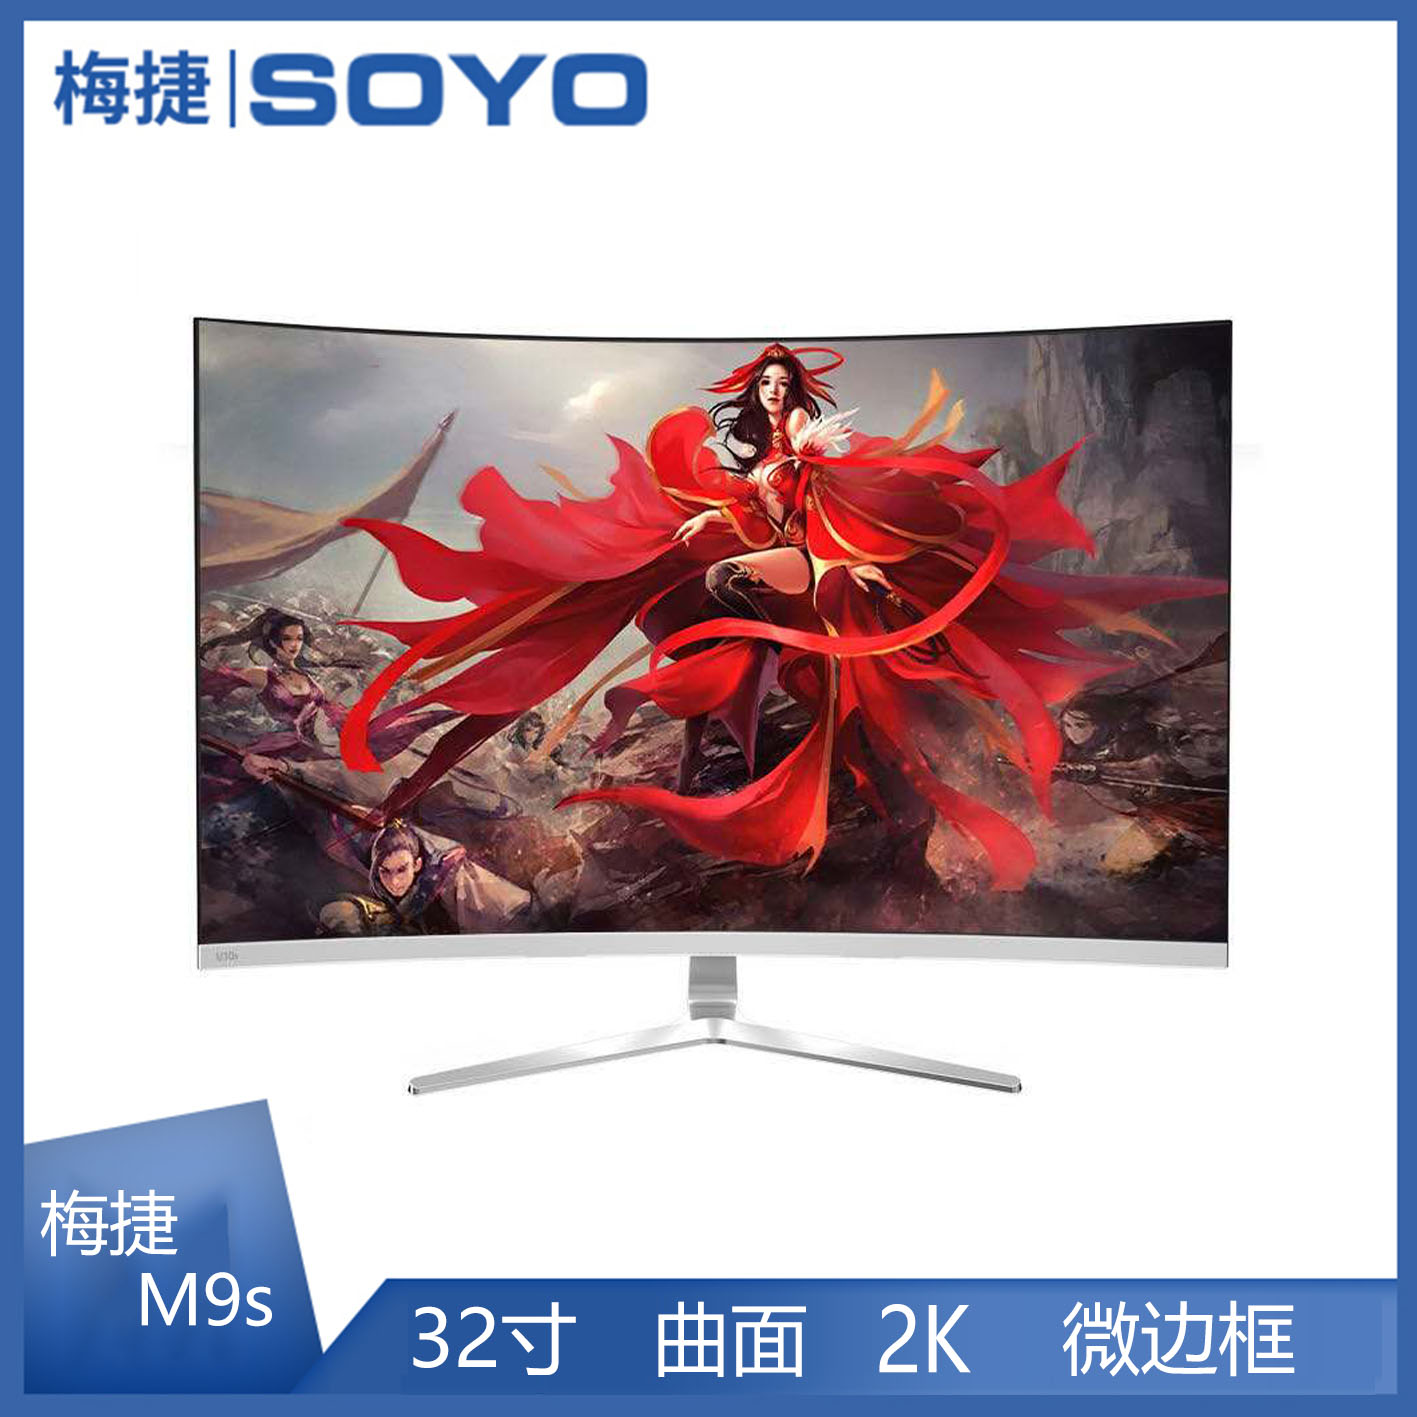 今日特价 梅捷 M9s 32寸 2K 曲面微边框LED白色显示器DVI+HDMI+DP+VGA